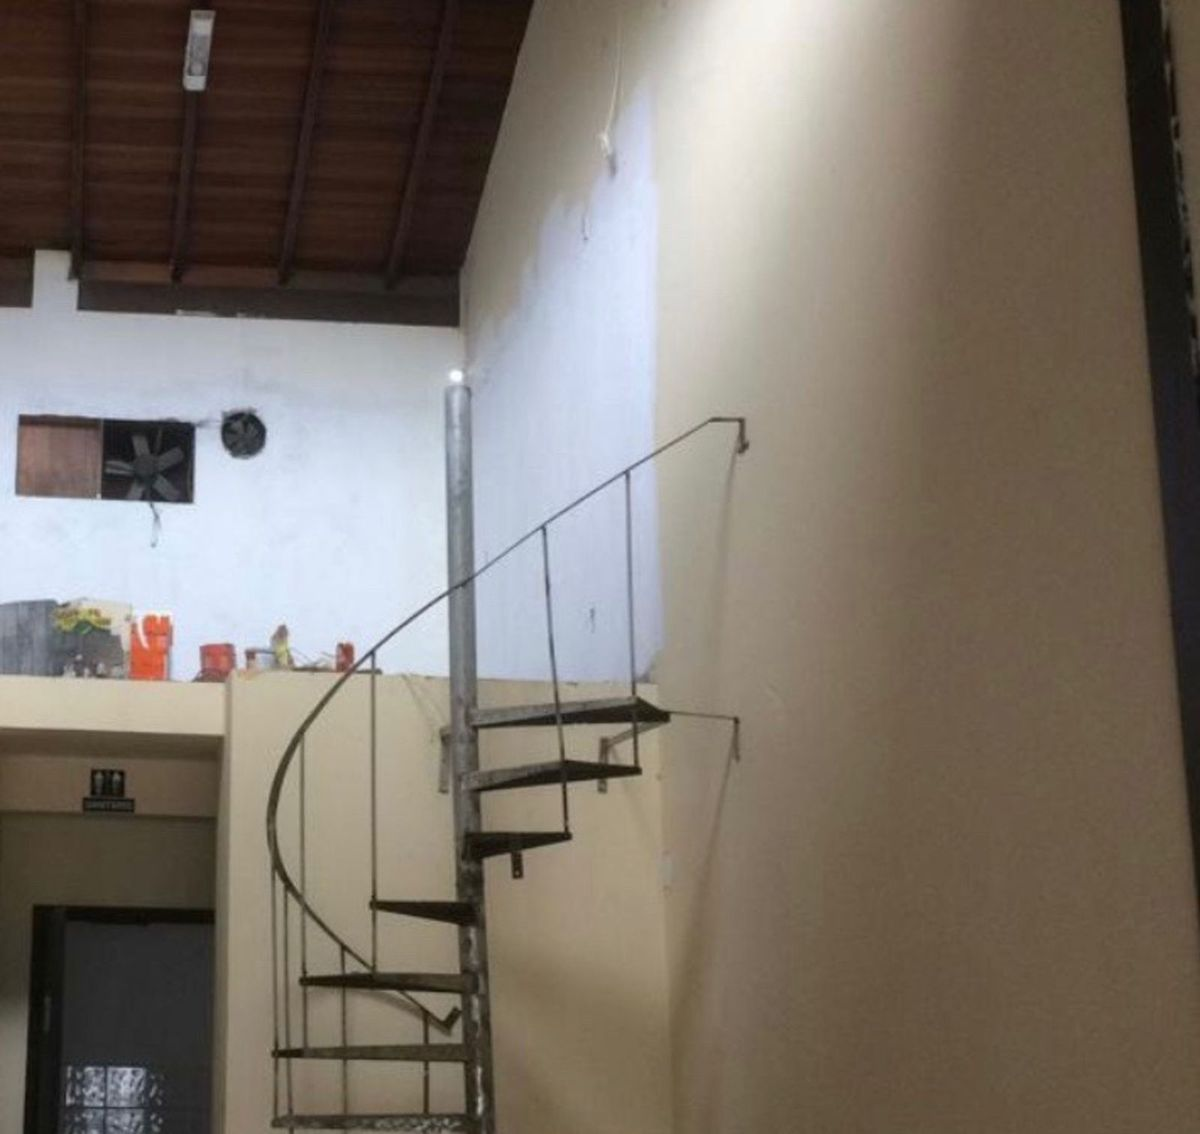 4ee470d4c7 escada de ferro caracol - outros sem marca.  Czm6ly9wag90b3muzw5qb2vplmnvbs5ici9wcm9kdwn0cy8xmtmymtezlzy5yzfjmjg0ywvmmdm0ytm3y2jjyzgwotrjzty5mzg4lmpwzw